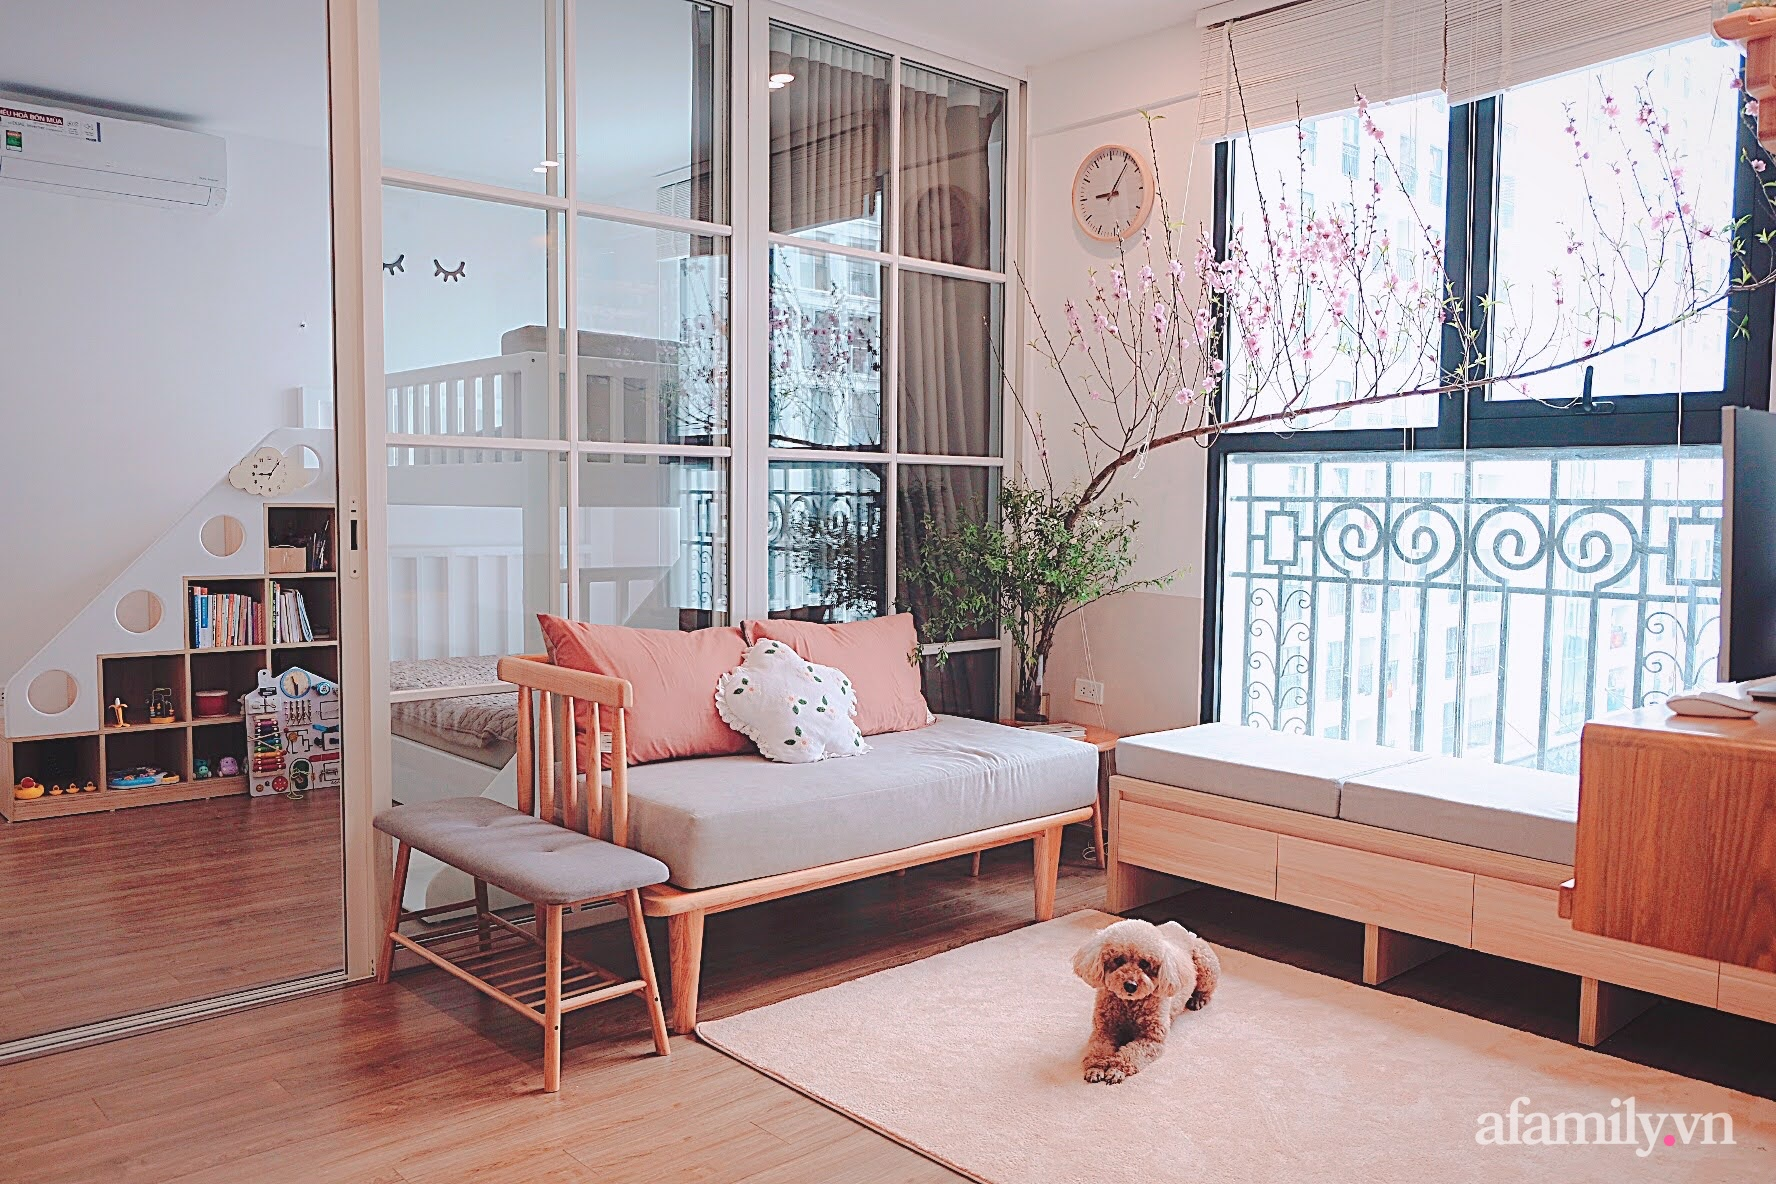 Căn hộ 78m² đẹp tinh tế và tiện dụng với phong cách tối giản của cặp vợ chồng trẻ ở Hà Nội - Ảnh 1.